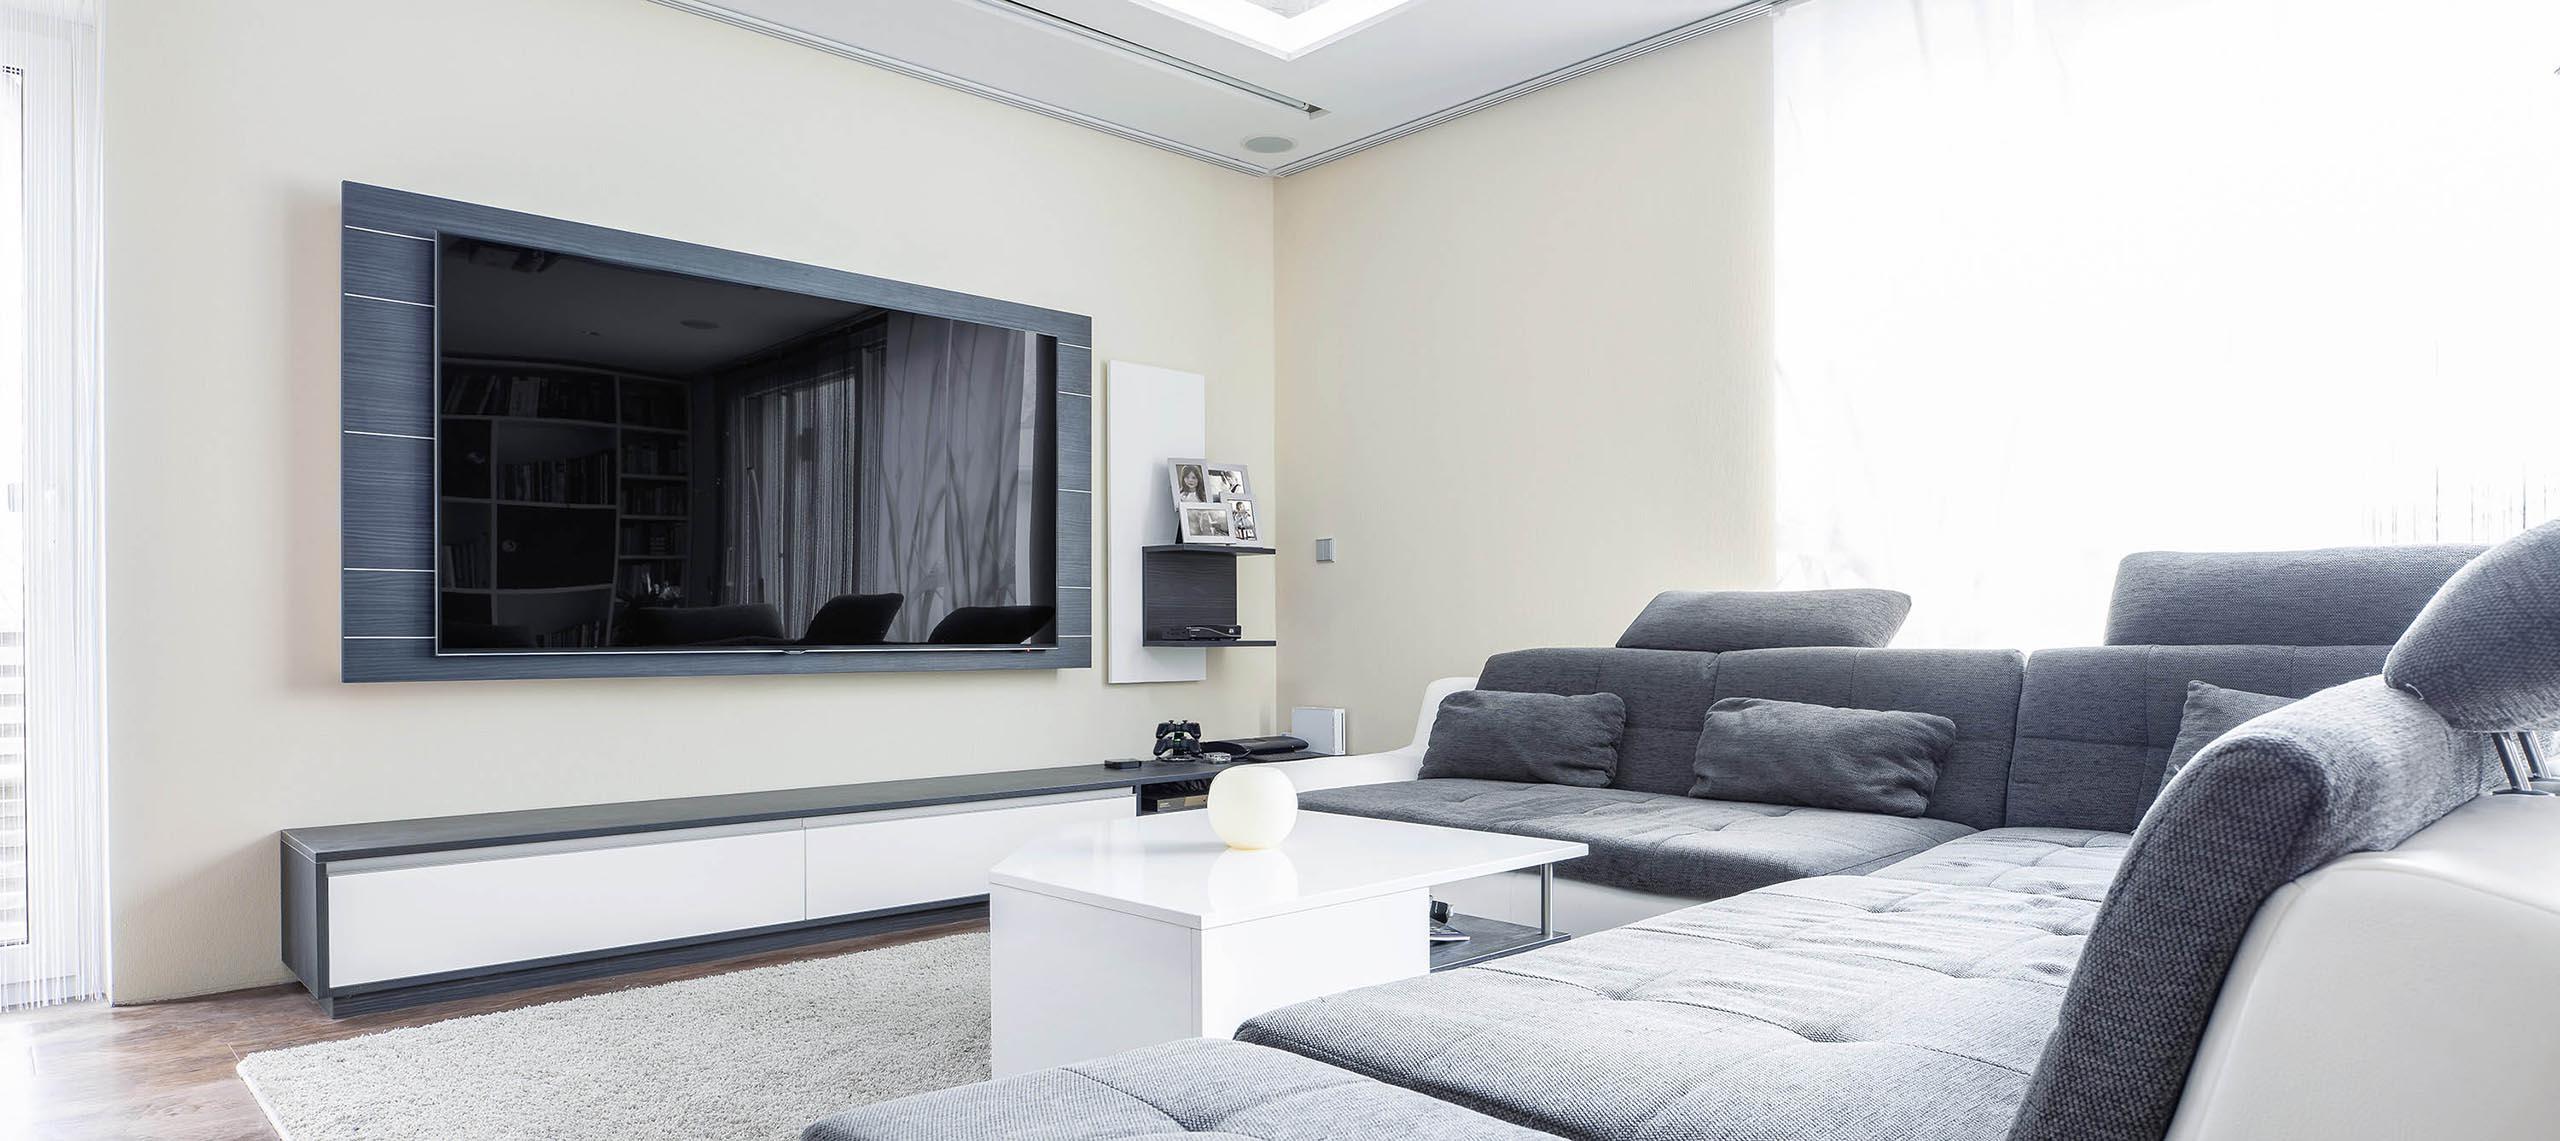 Wohnzimmer Möbel und TV Panel